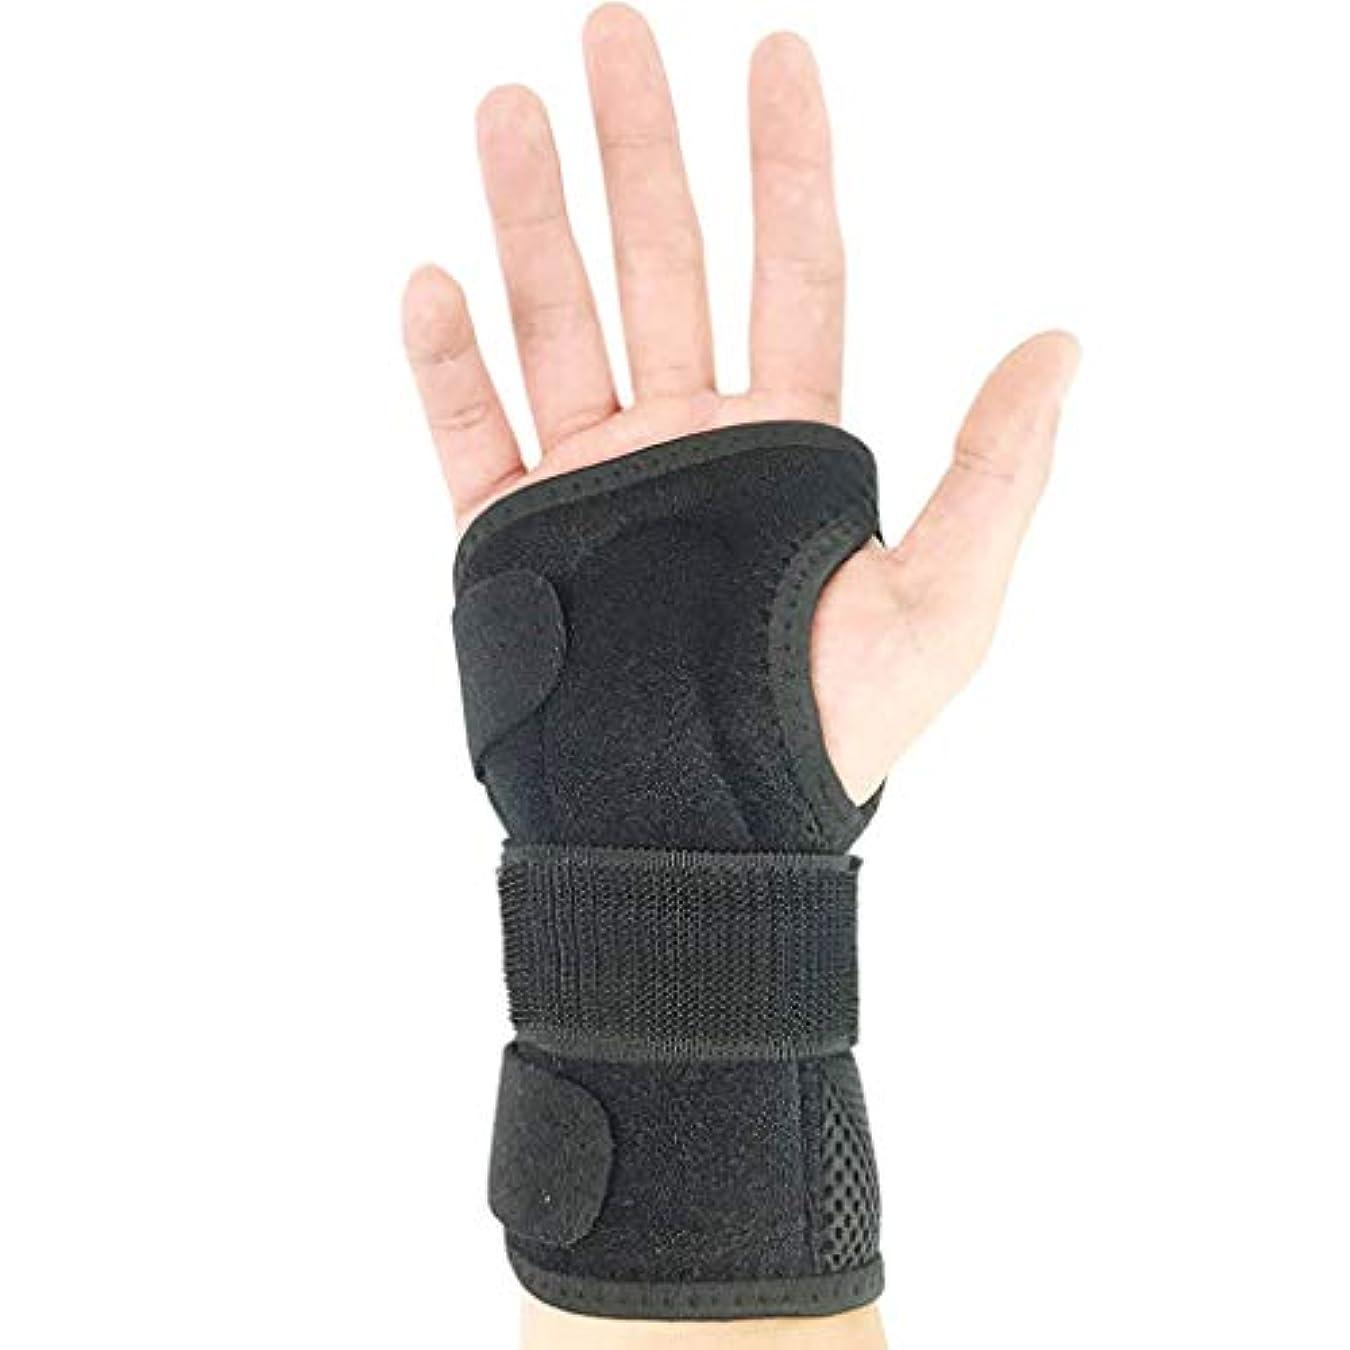 ソーシャル床を掃除する化石手首骨折固定副子 - 通気性フィットネス捻挫痛みプロテクター調節可能な左右の手首バンドユニセックス,Right,M